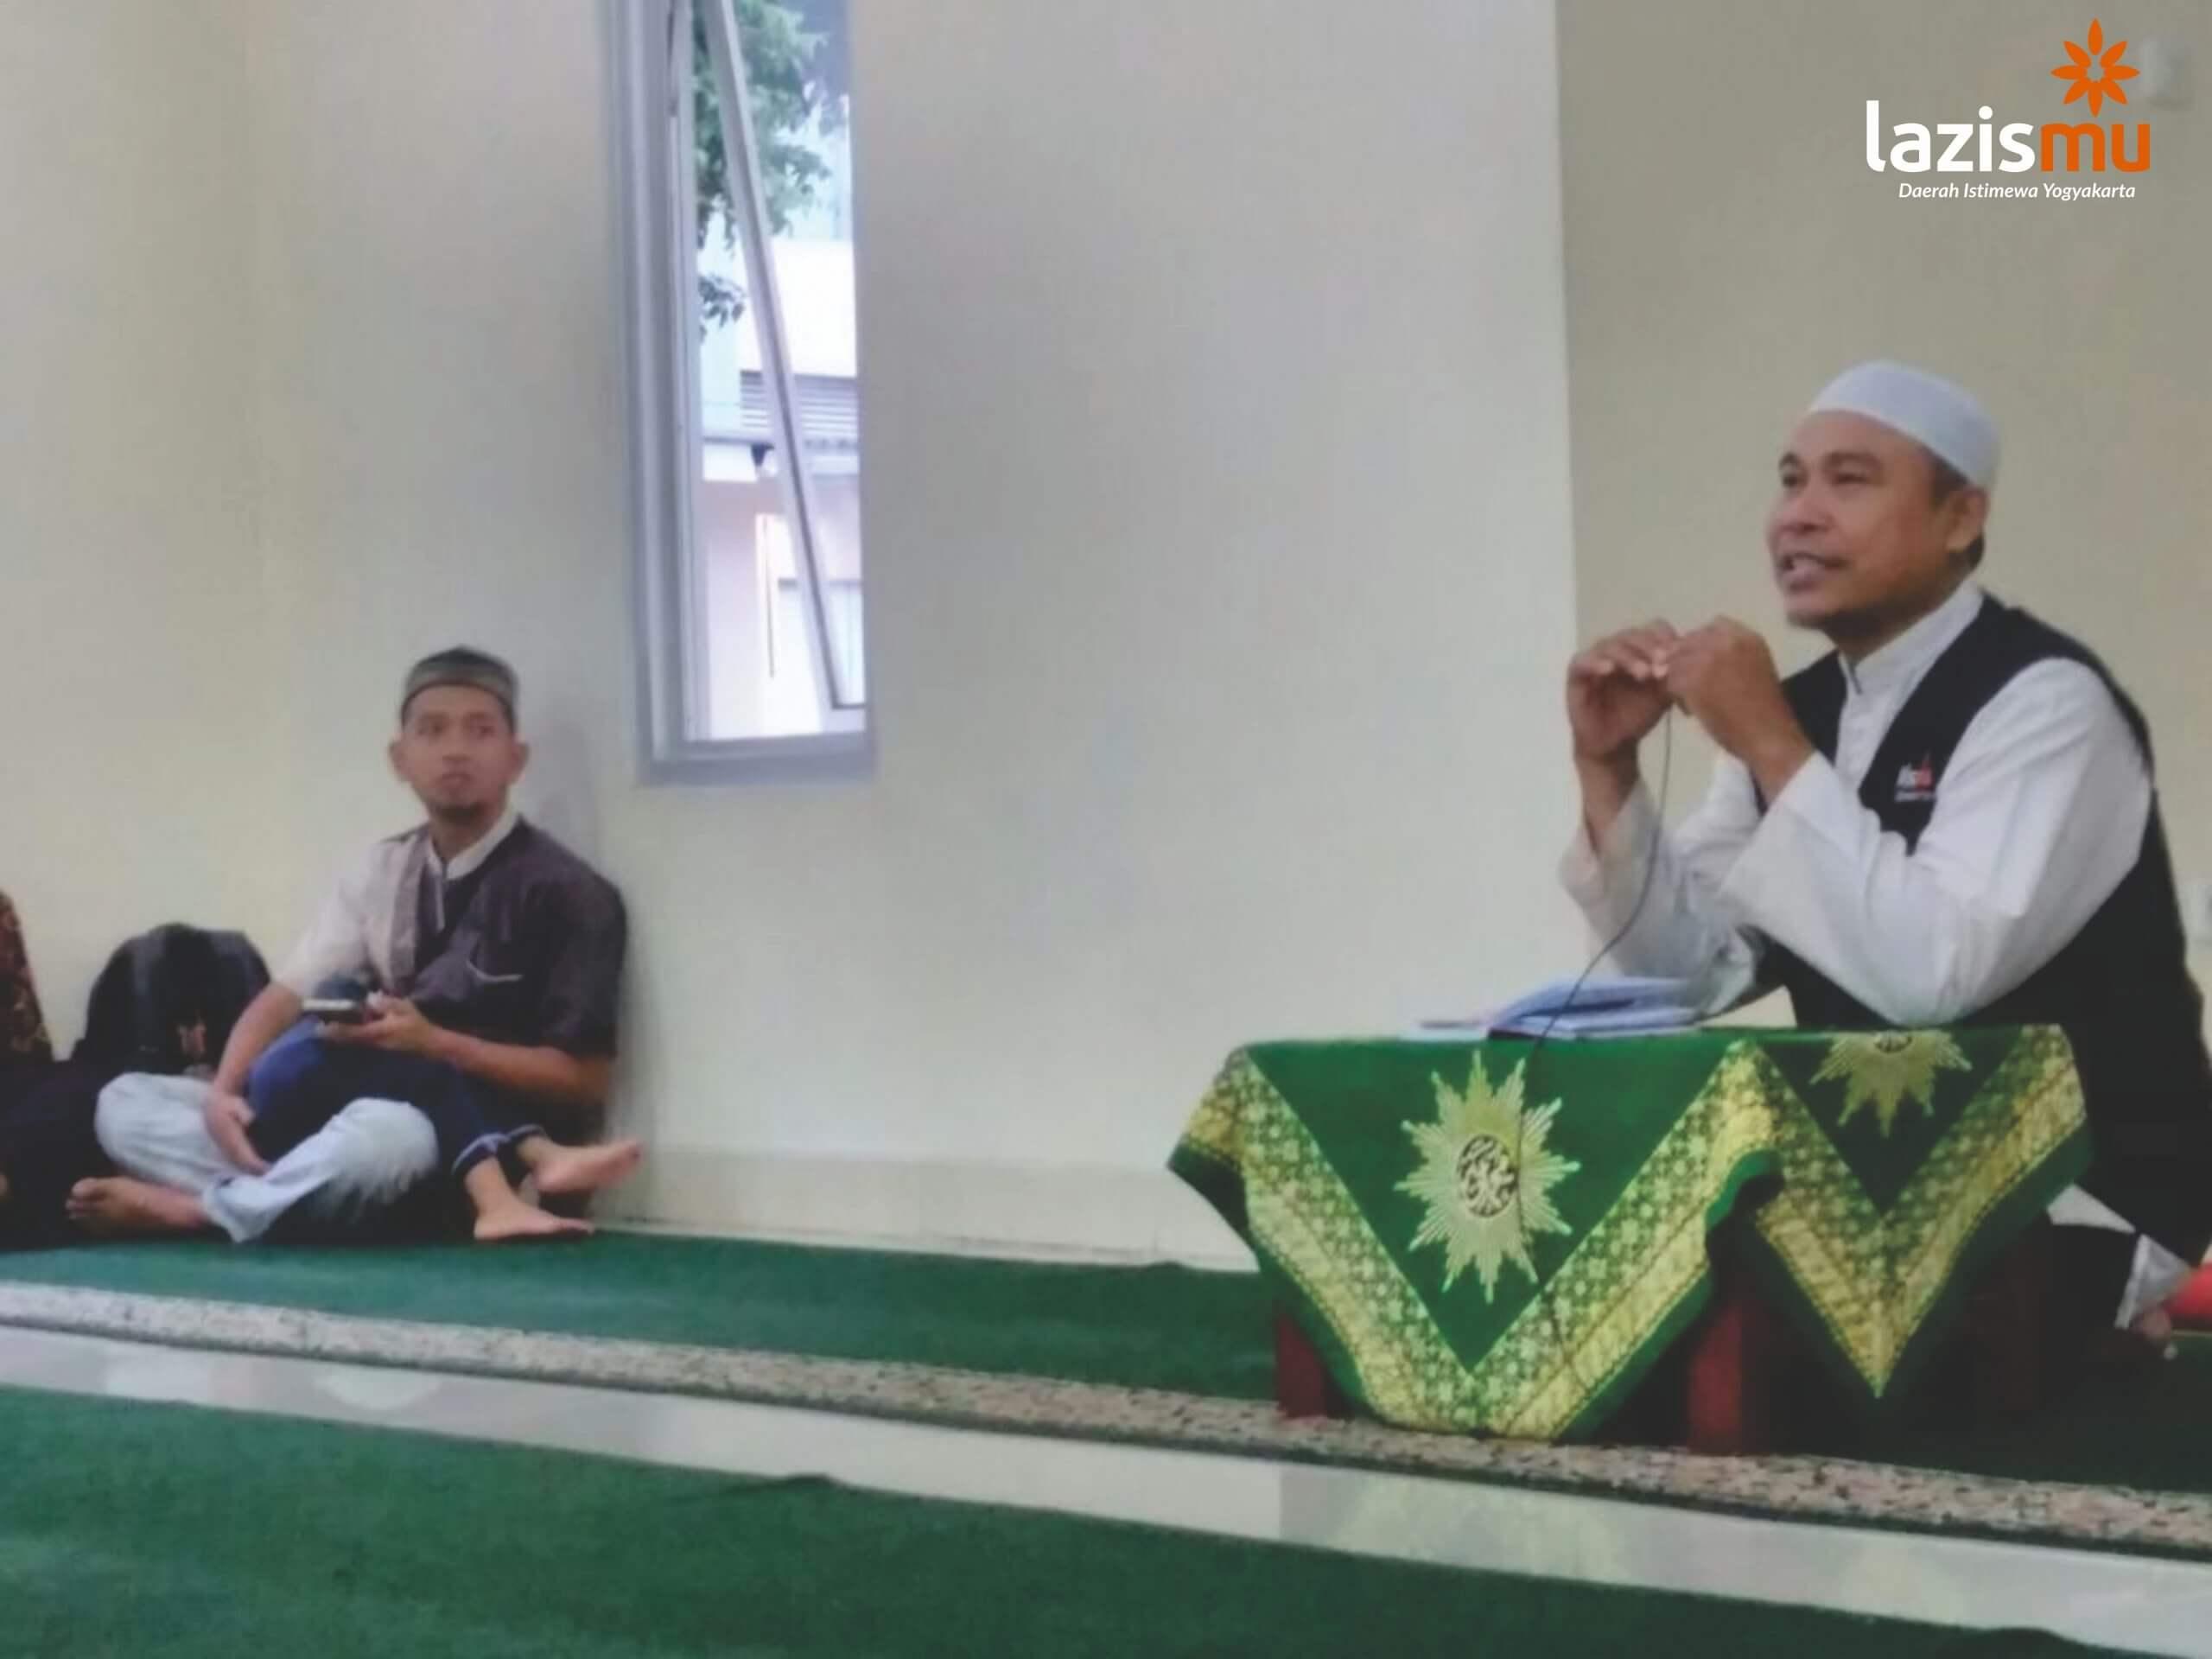 saraehan Lazismu dengan Tapak Suci Hizbul wathan Ikatan mahasiswa muhammadiyah ikatan pelajar muhammadiyah pemuda muhammadiyah Nasiyatul aisyiyah